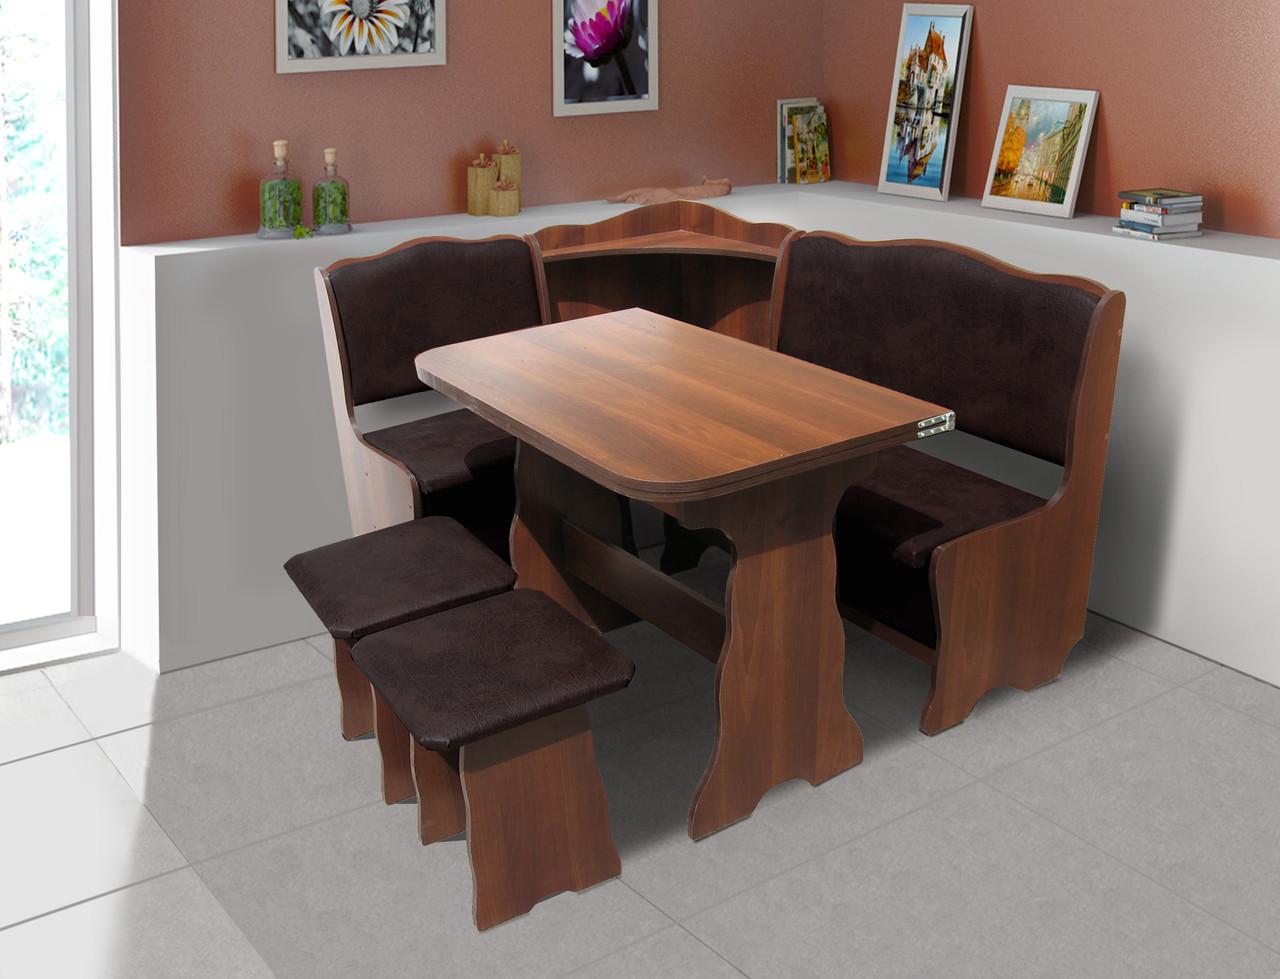 Кухонный комплект Симфония (уголок+стол+2 табурета) цвет Темный орех/Шоколад